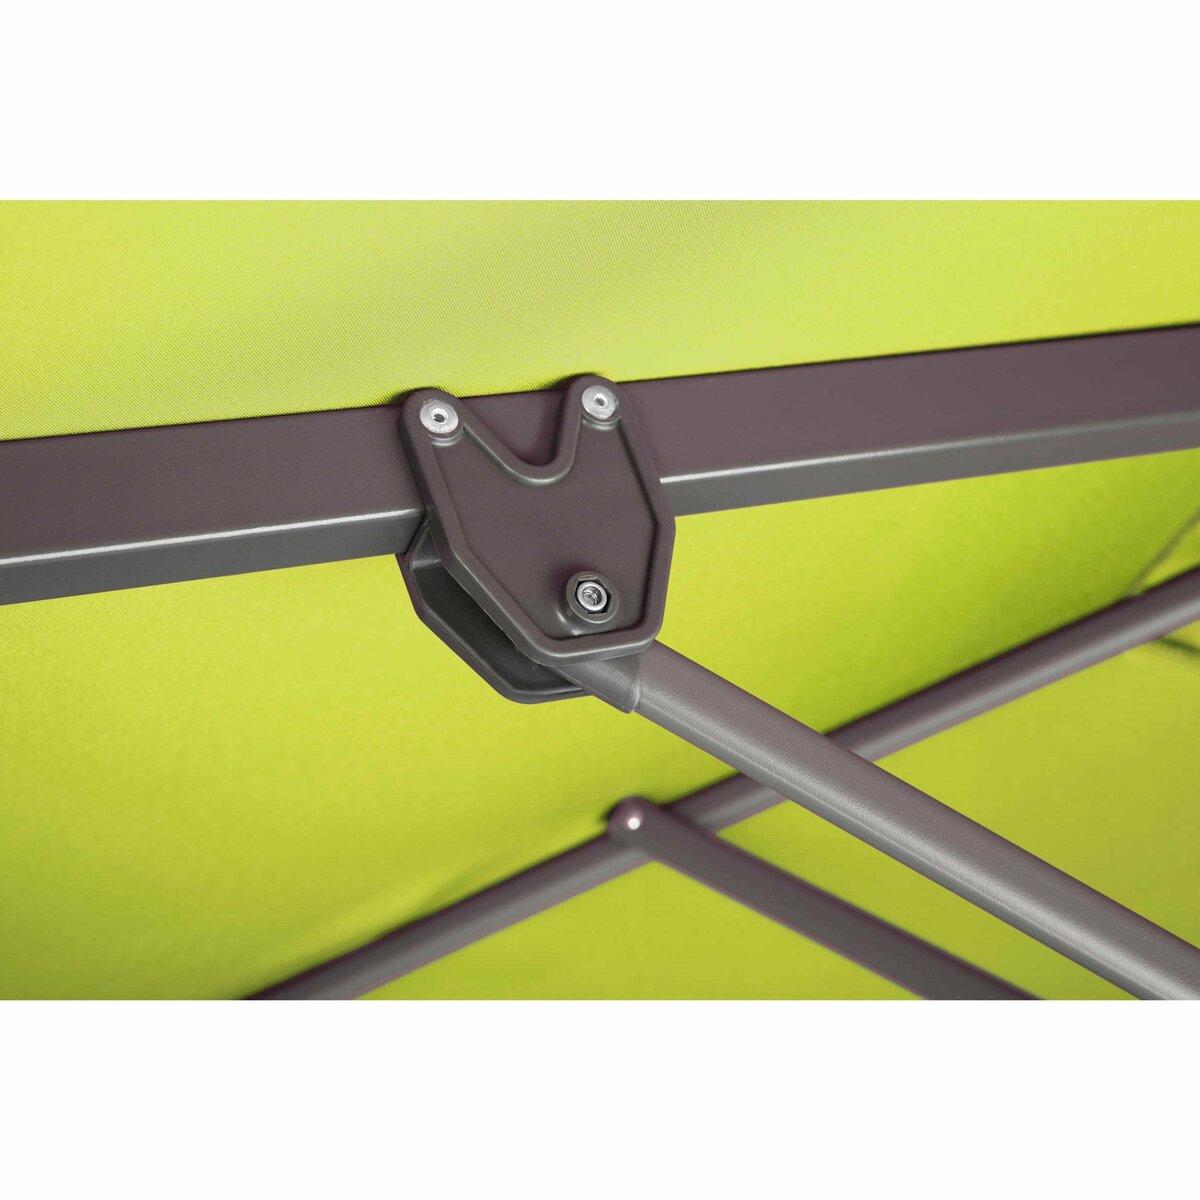 Bild 3 von Schneider Schirme Ampelschirm   Rhodos Junior, apfelgrün